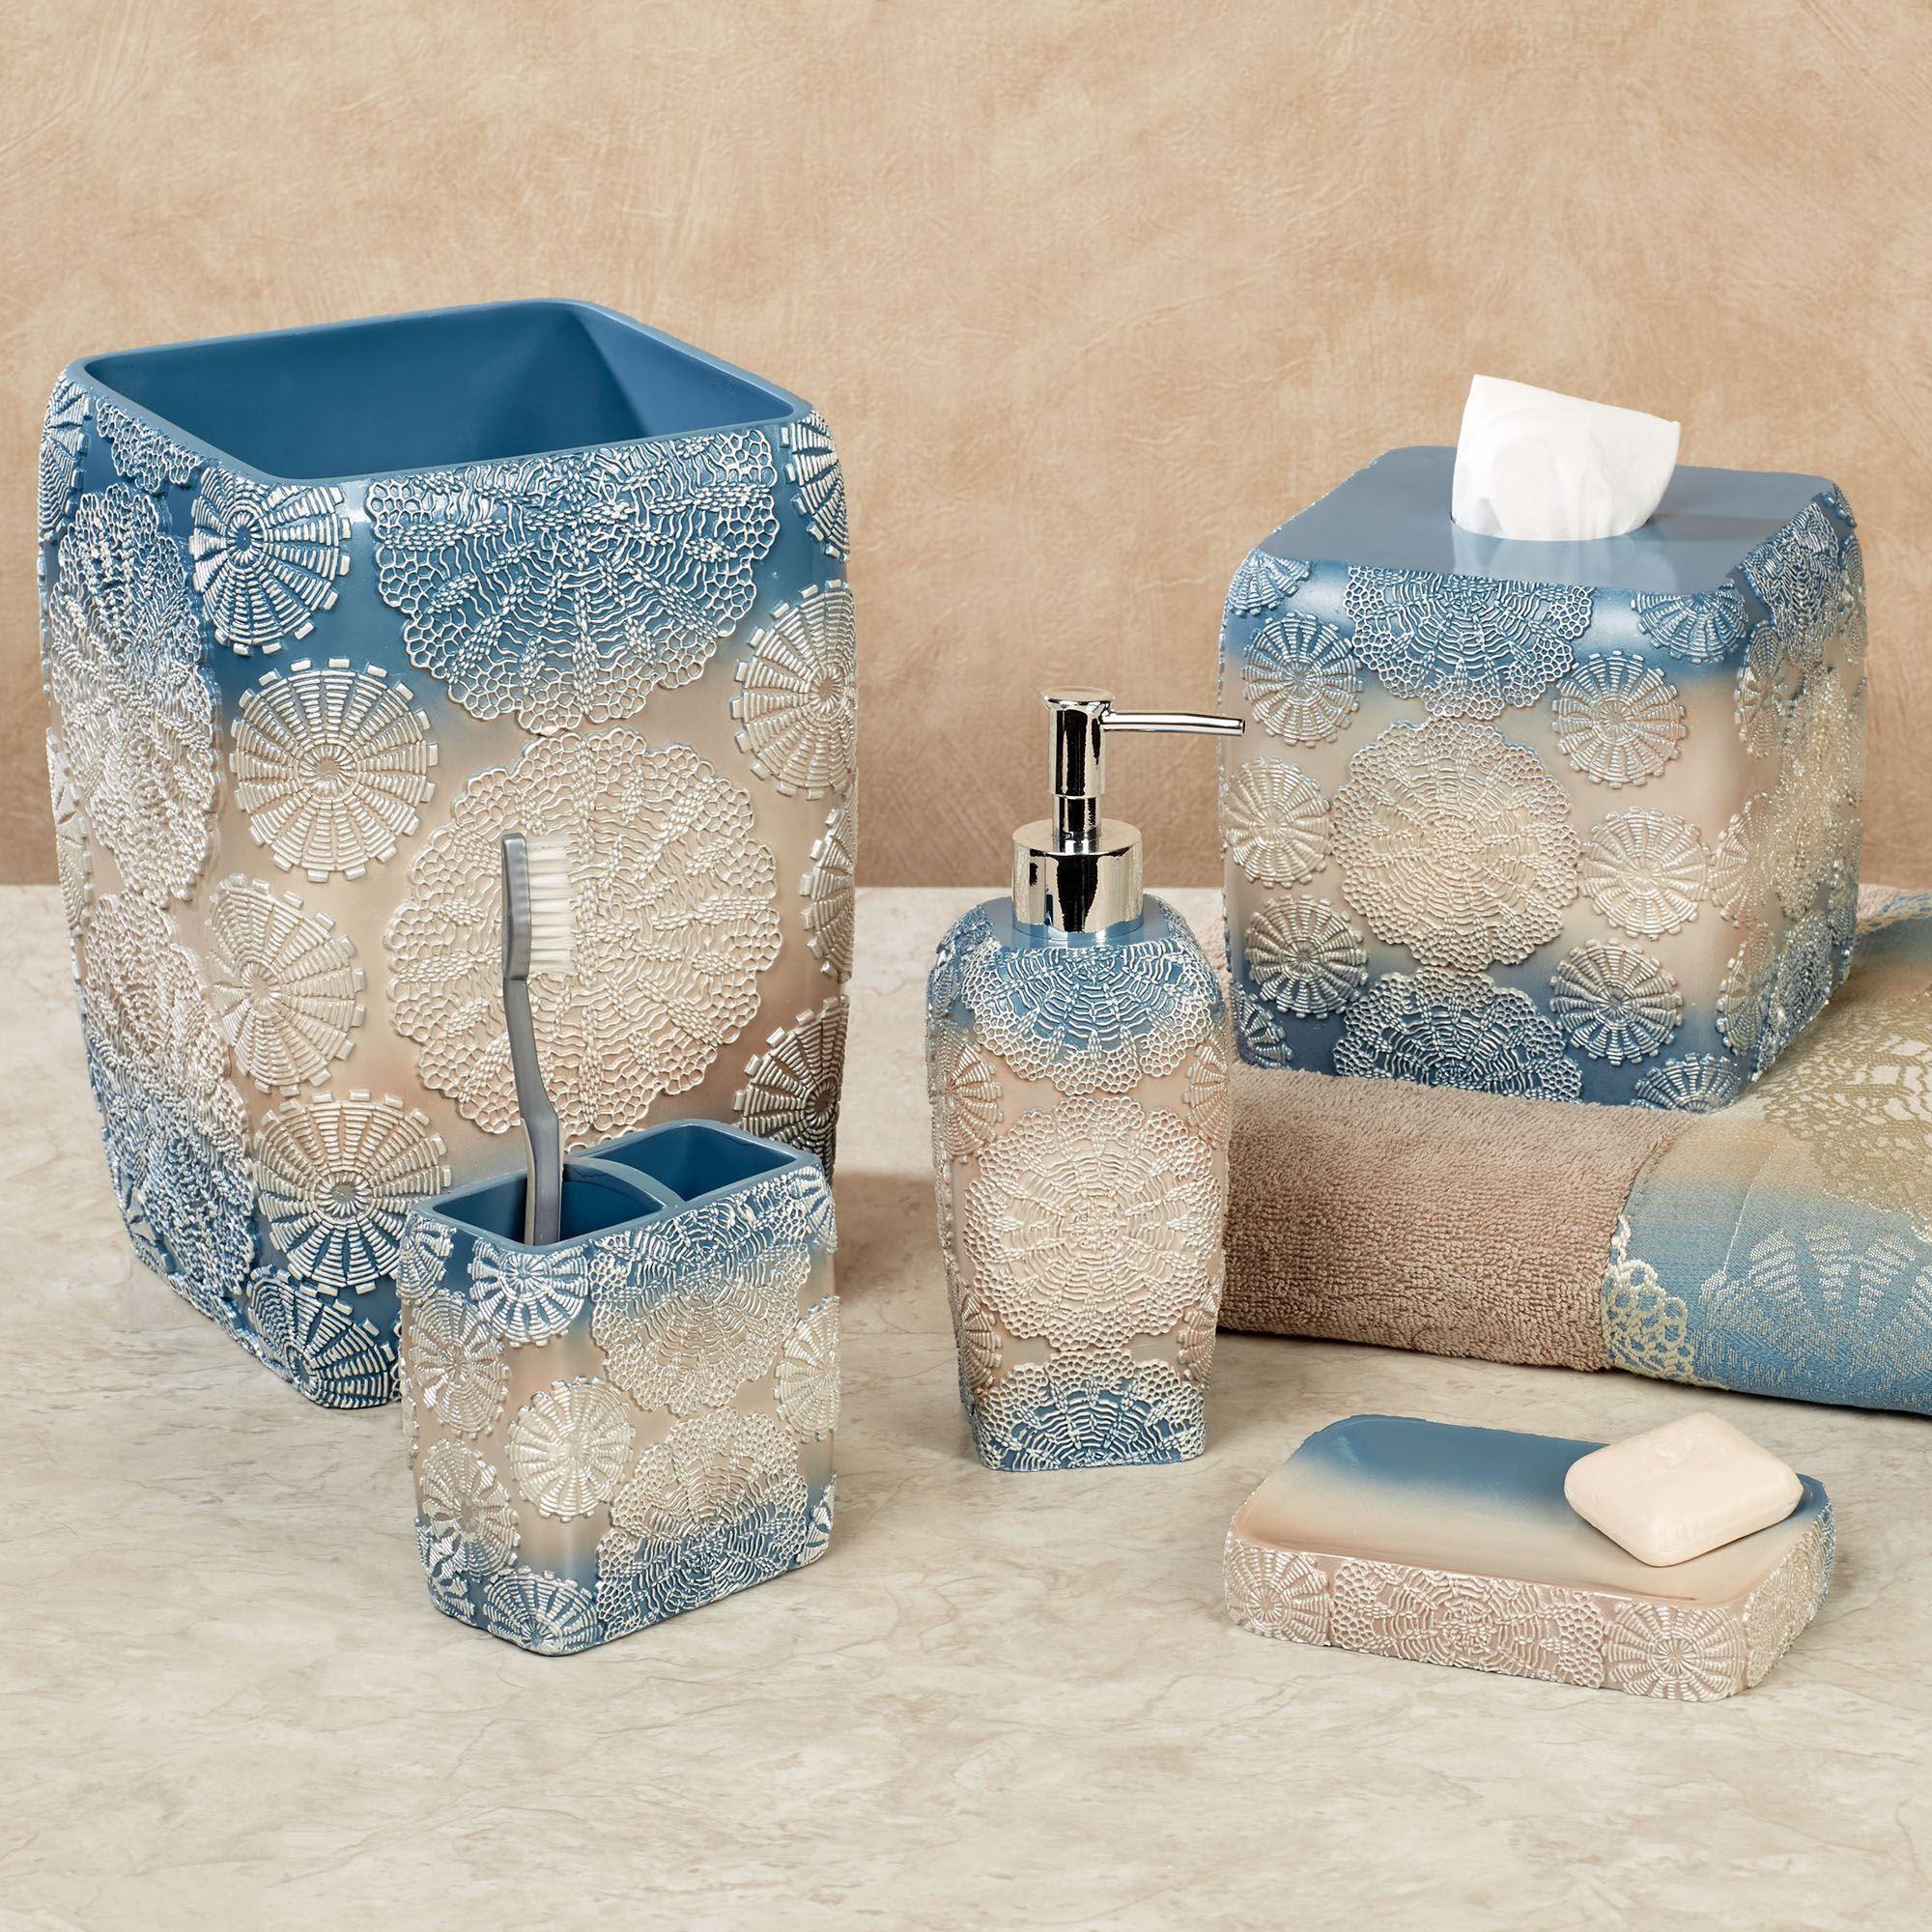 Fallon Blue Ombre Medallion Bath Accessories